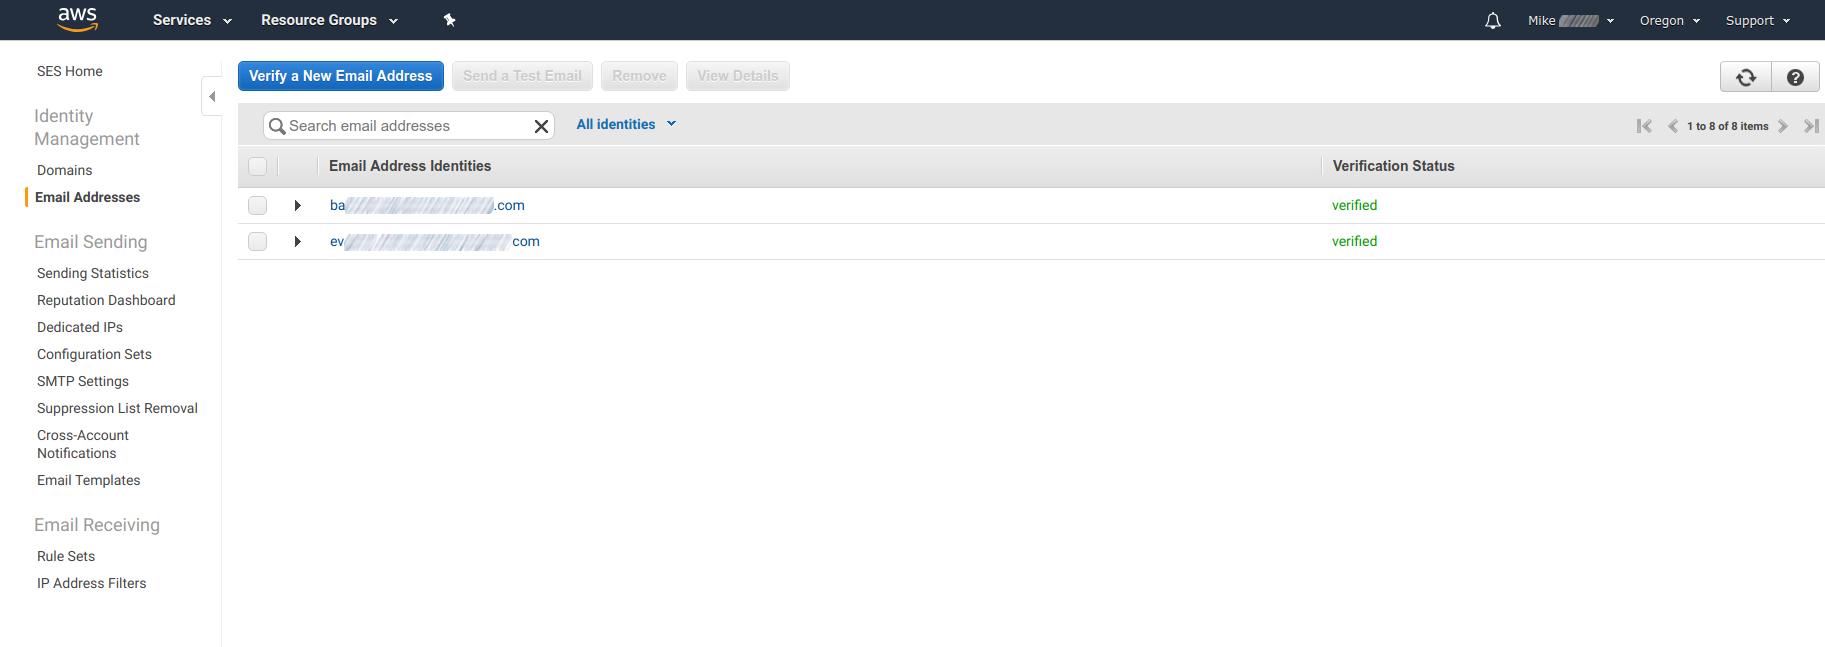 Amazon SES - Verified Email Address